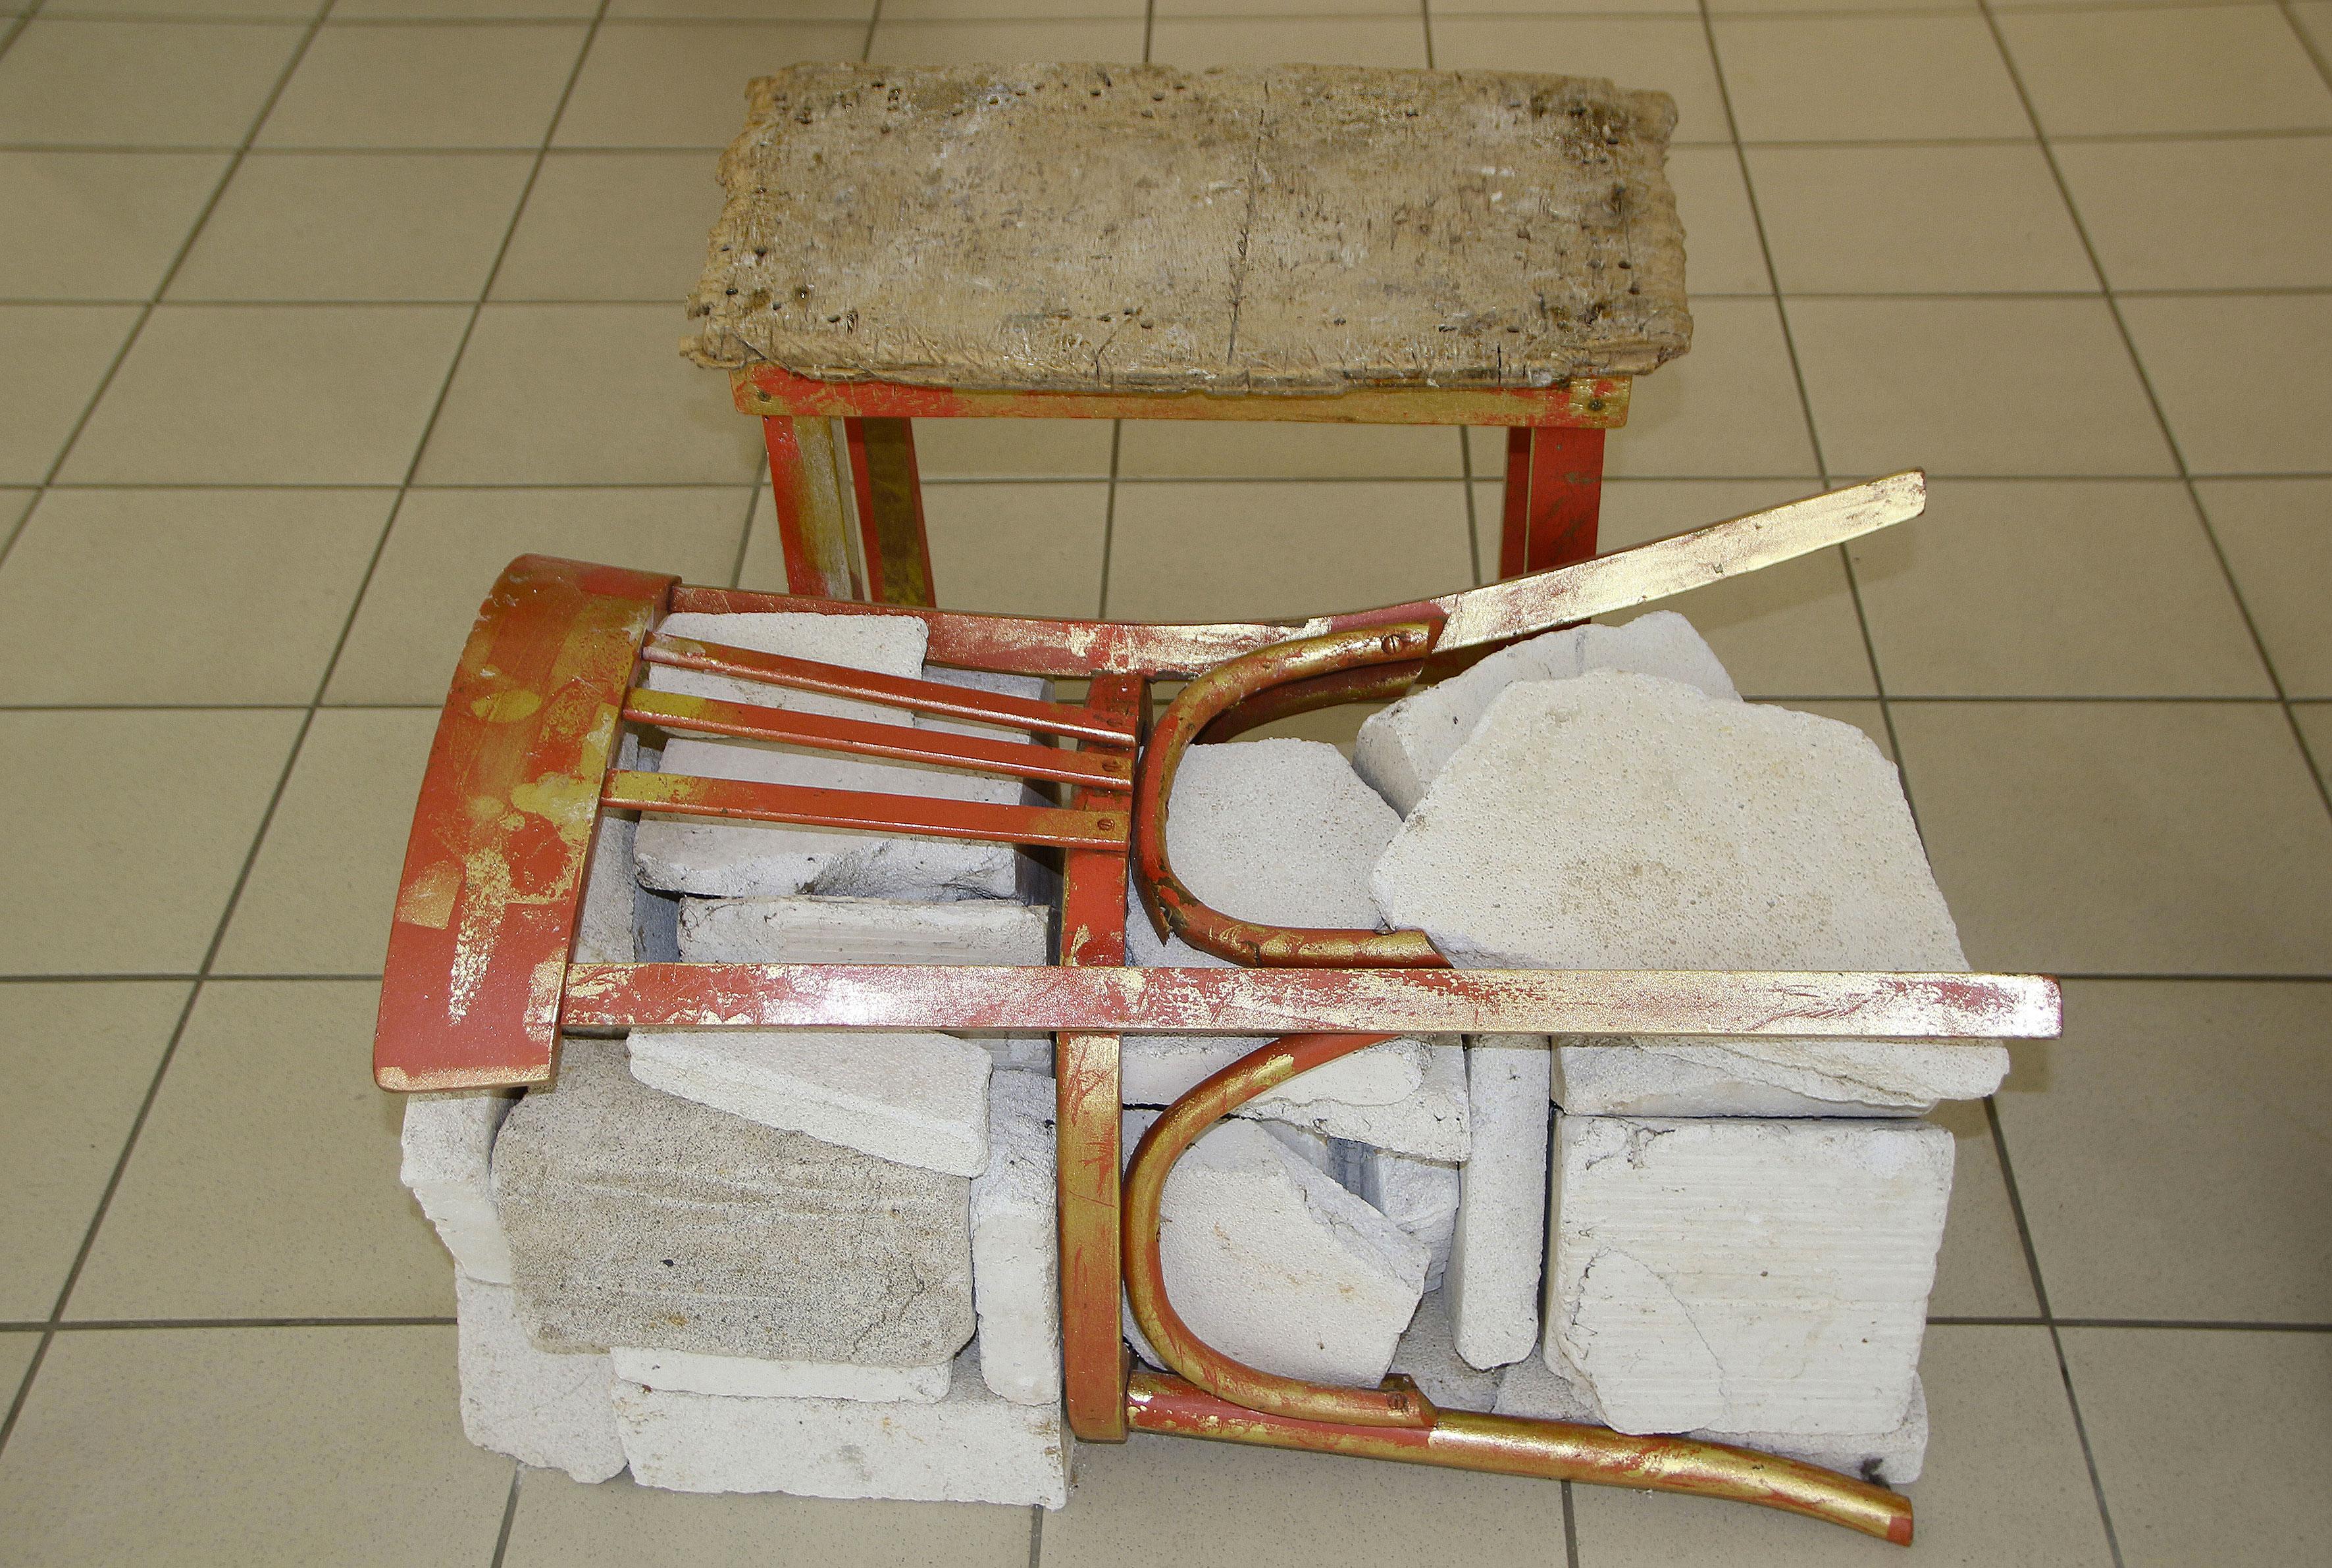 La-chaise-emmuree-+-le-tabouret-de-M-Courtin